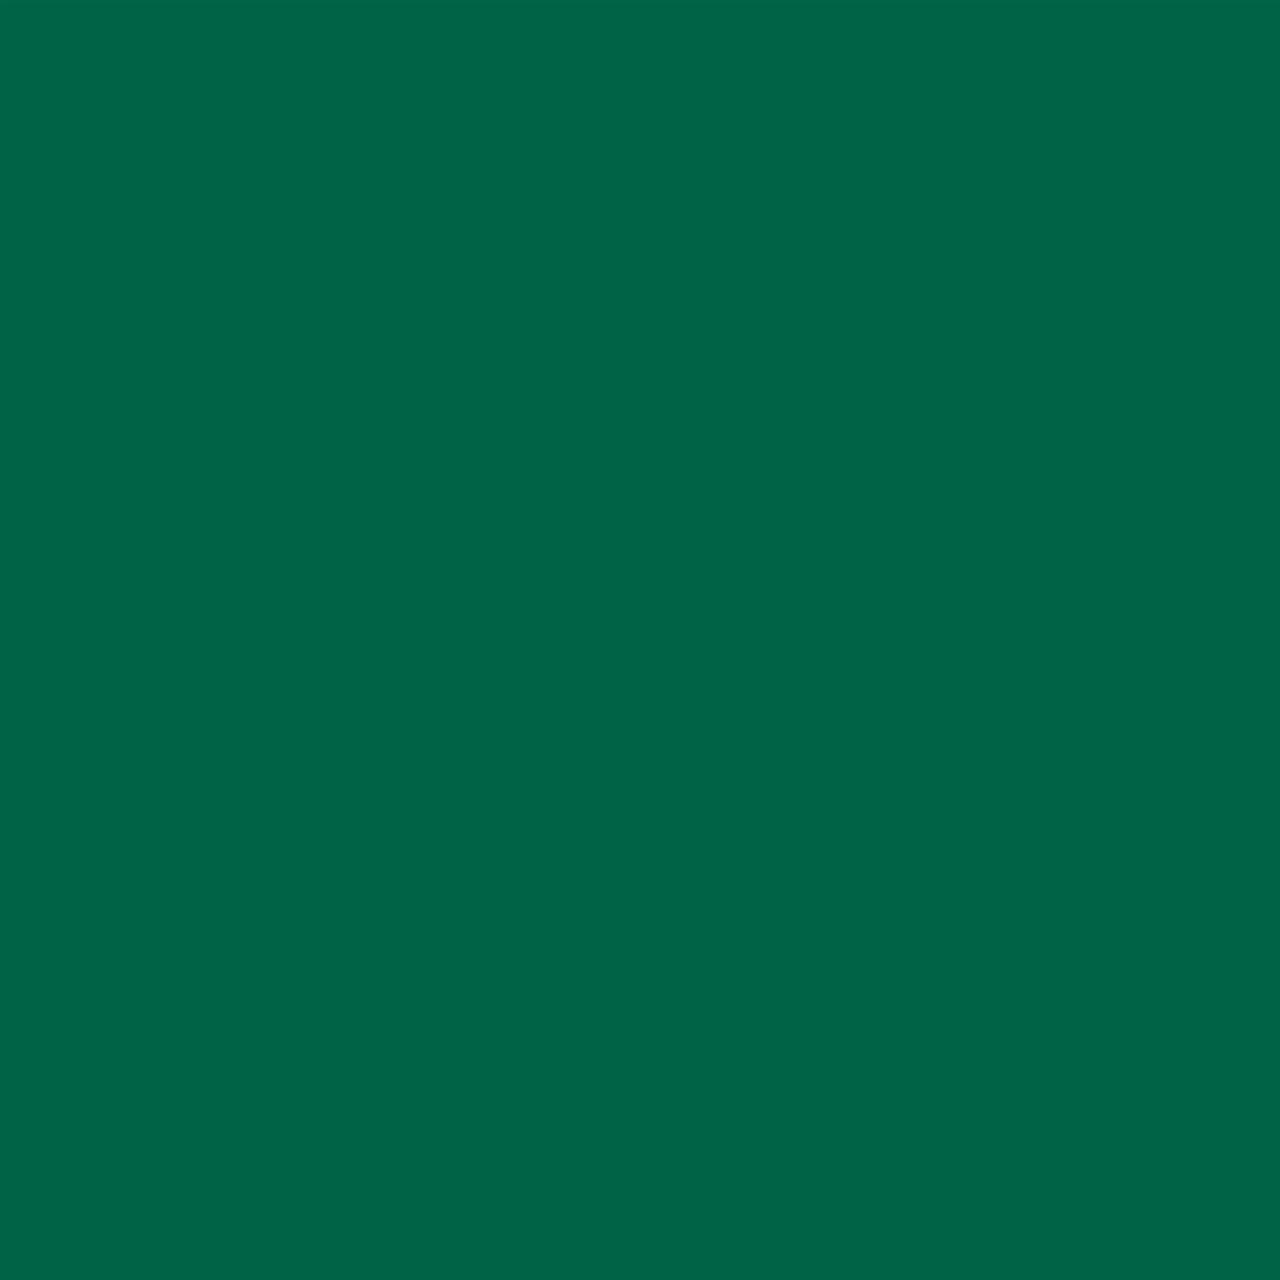 Алюкобонд тёмно-зелёный 8821 (3мм/18мкм) 1,22мХ2,44м